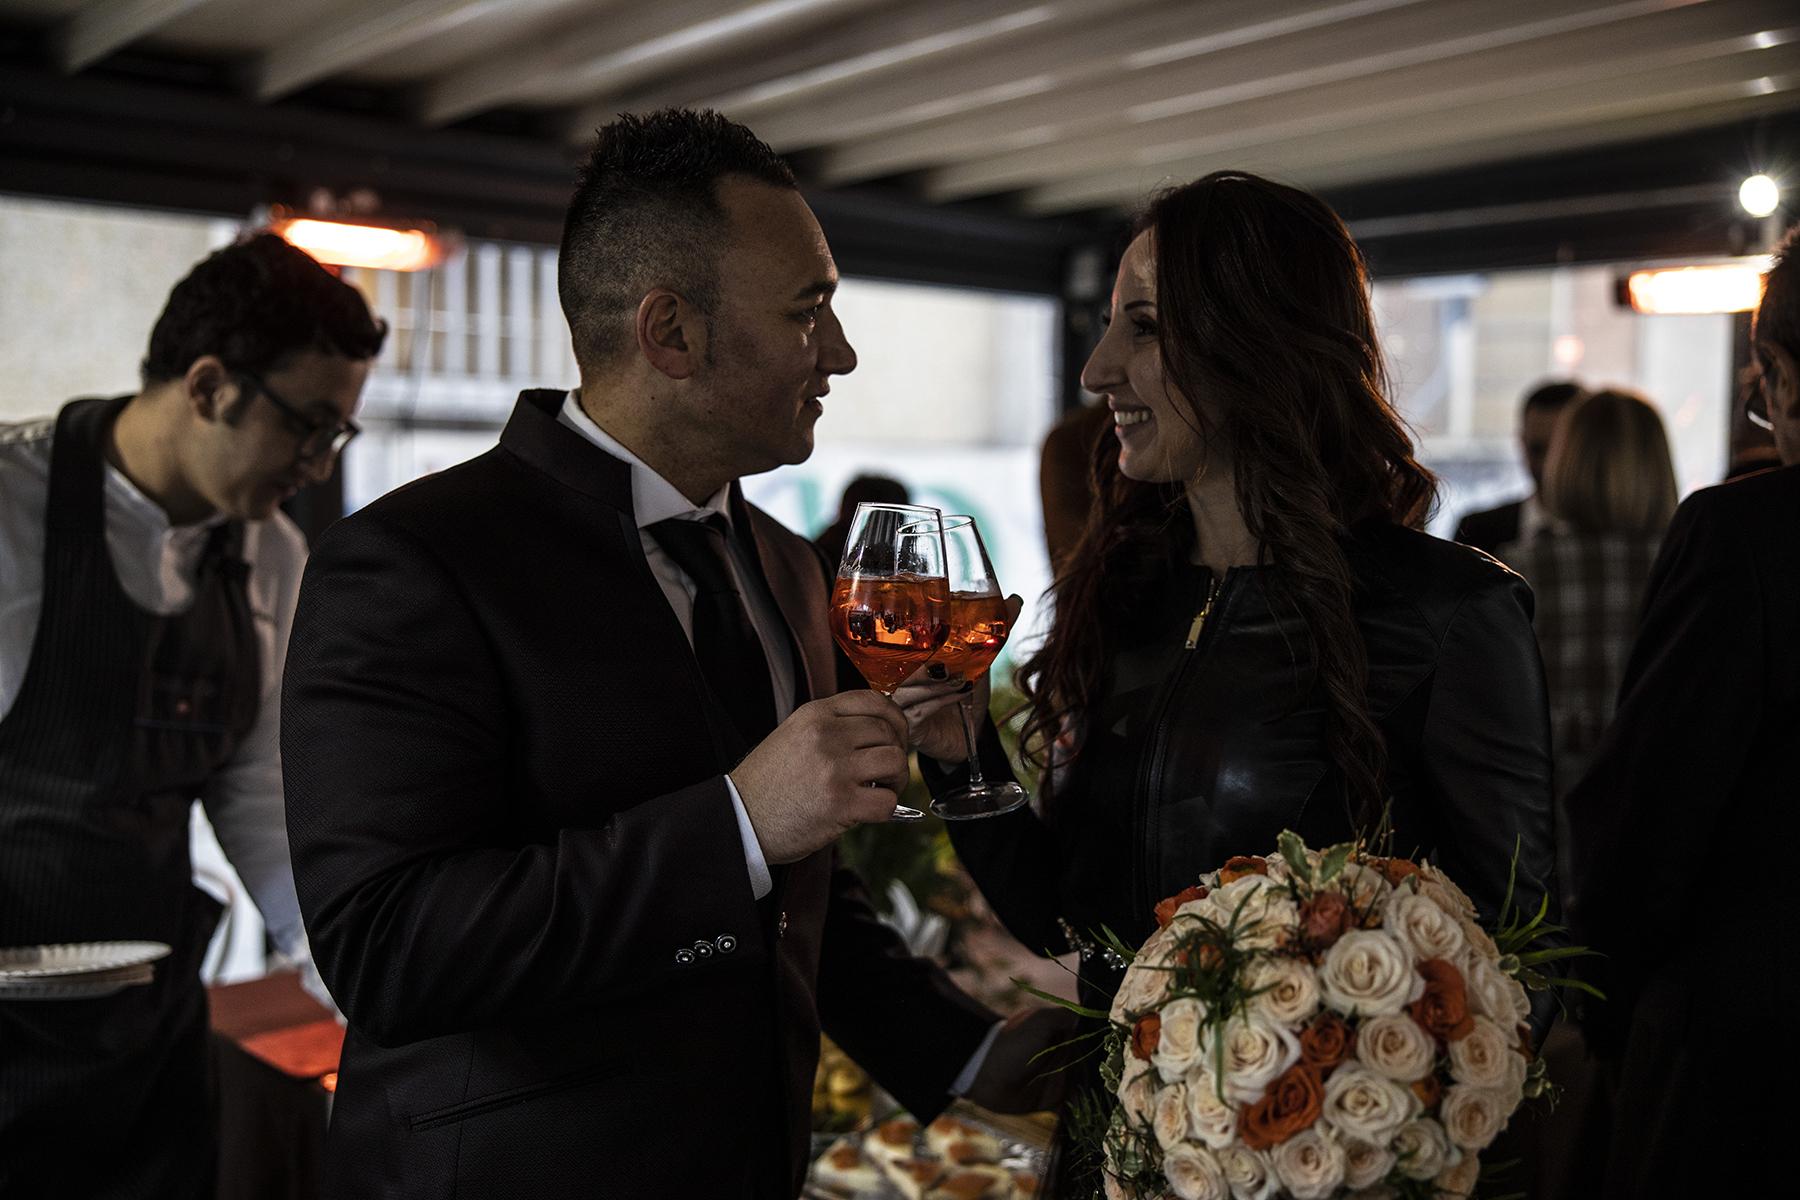 Image de La Spezia Elopement - Moment pour le couple   À la réception au Bar Peola, les mariés ont un moment privé en se faisant griller avec leurs verres de vin